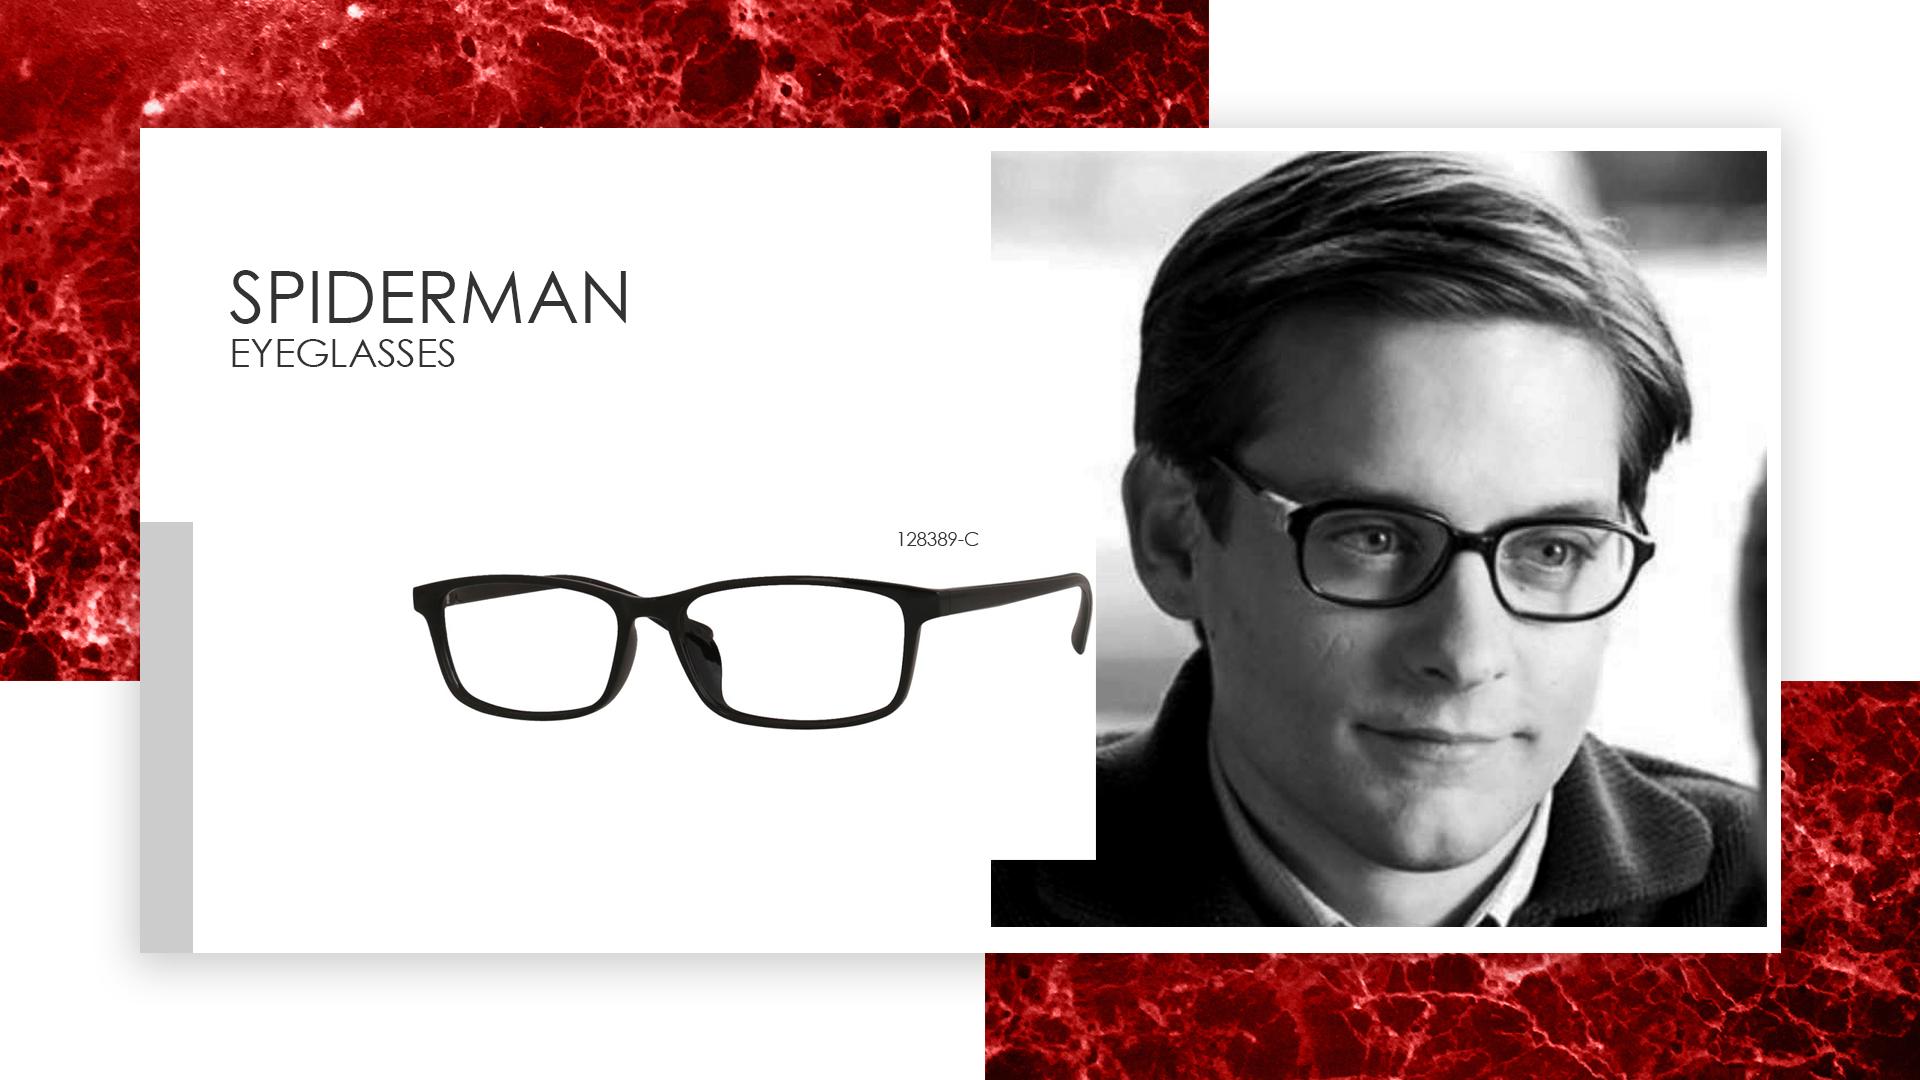 2 -Get Peter Parker (Spiderman) Frame